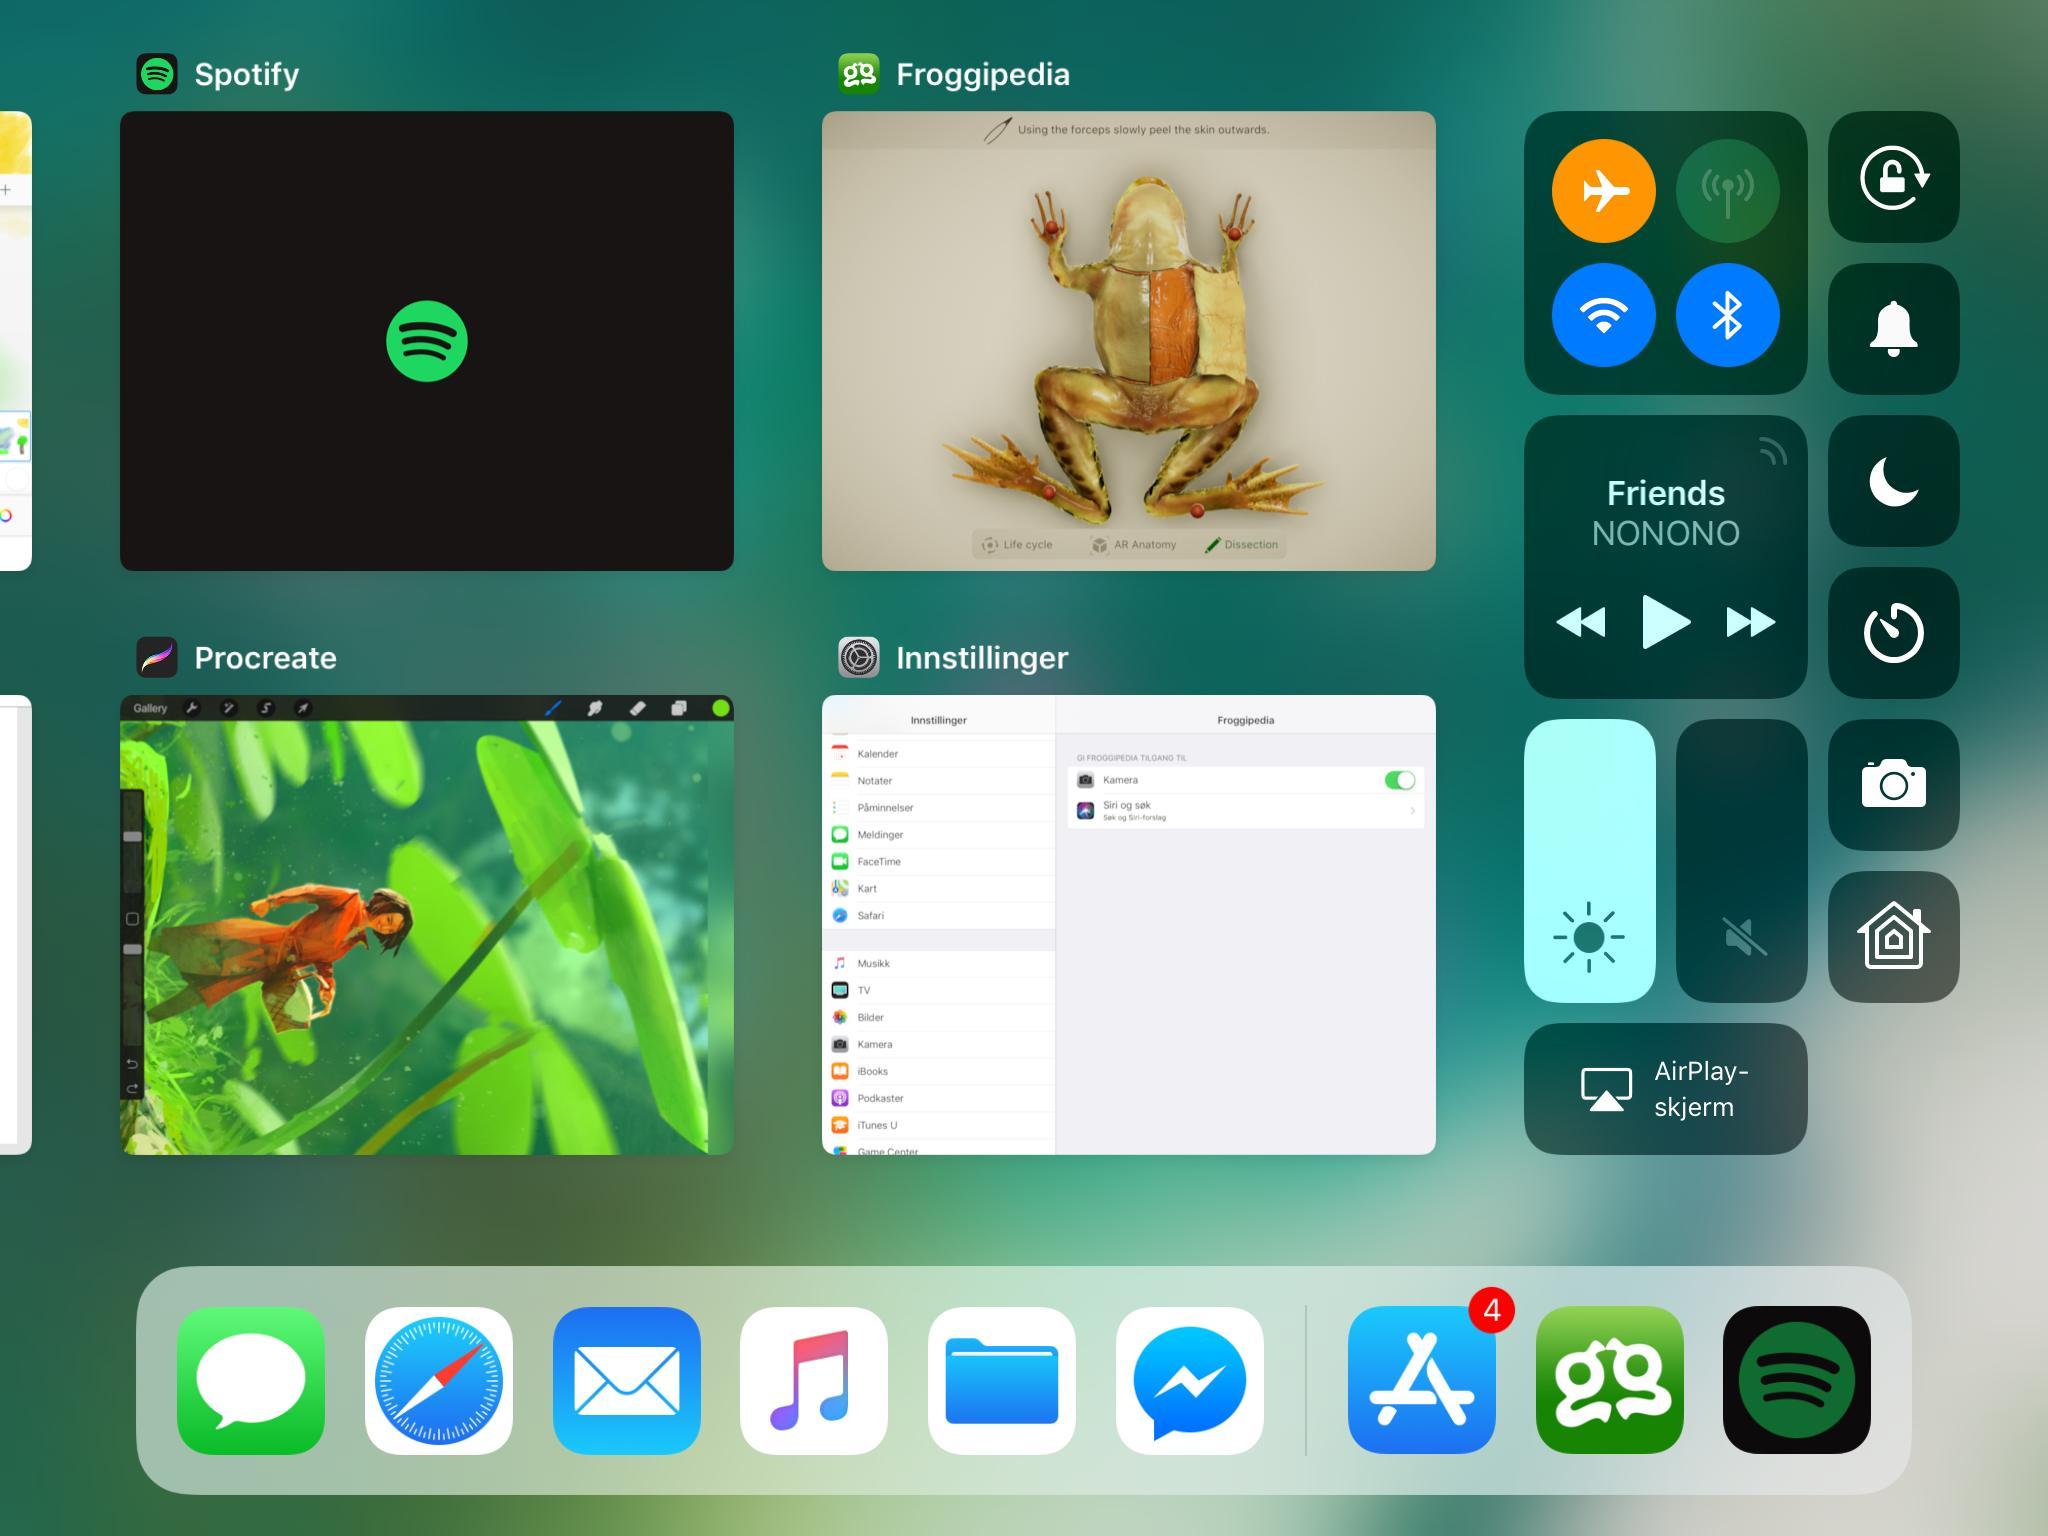 iOS 11 har gjort iPad til et mye bedre produkt enn Apples nettbrett var før. Det er enklere å gjøre flere ting samtidig og brettene lever i større grad opp til påstanden om å være annerledes PC-er enn før.